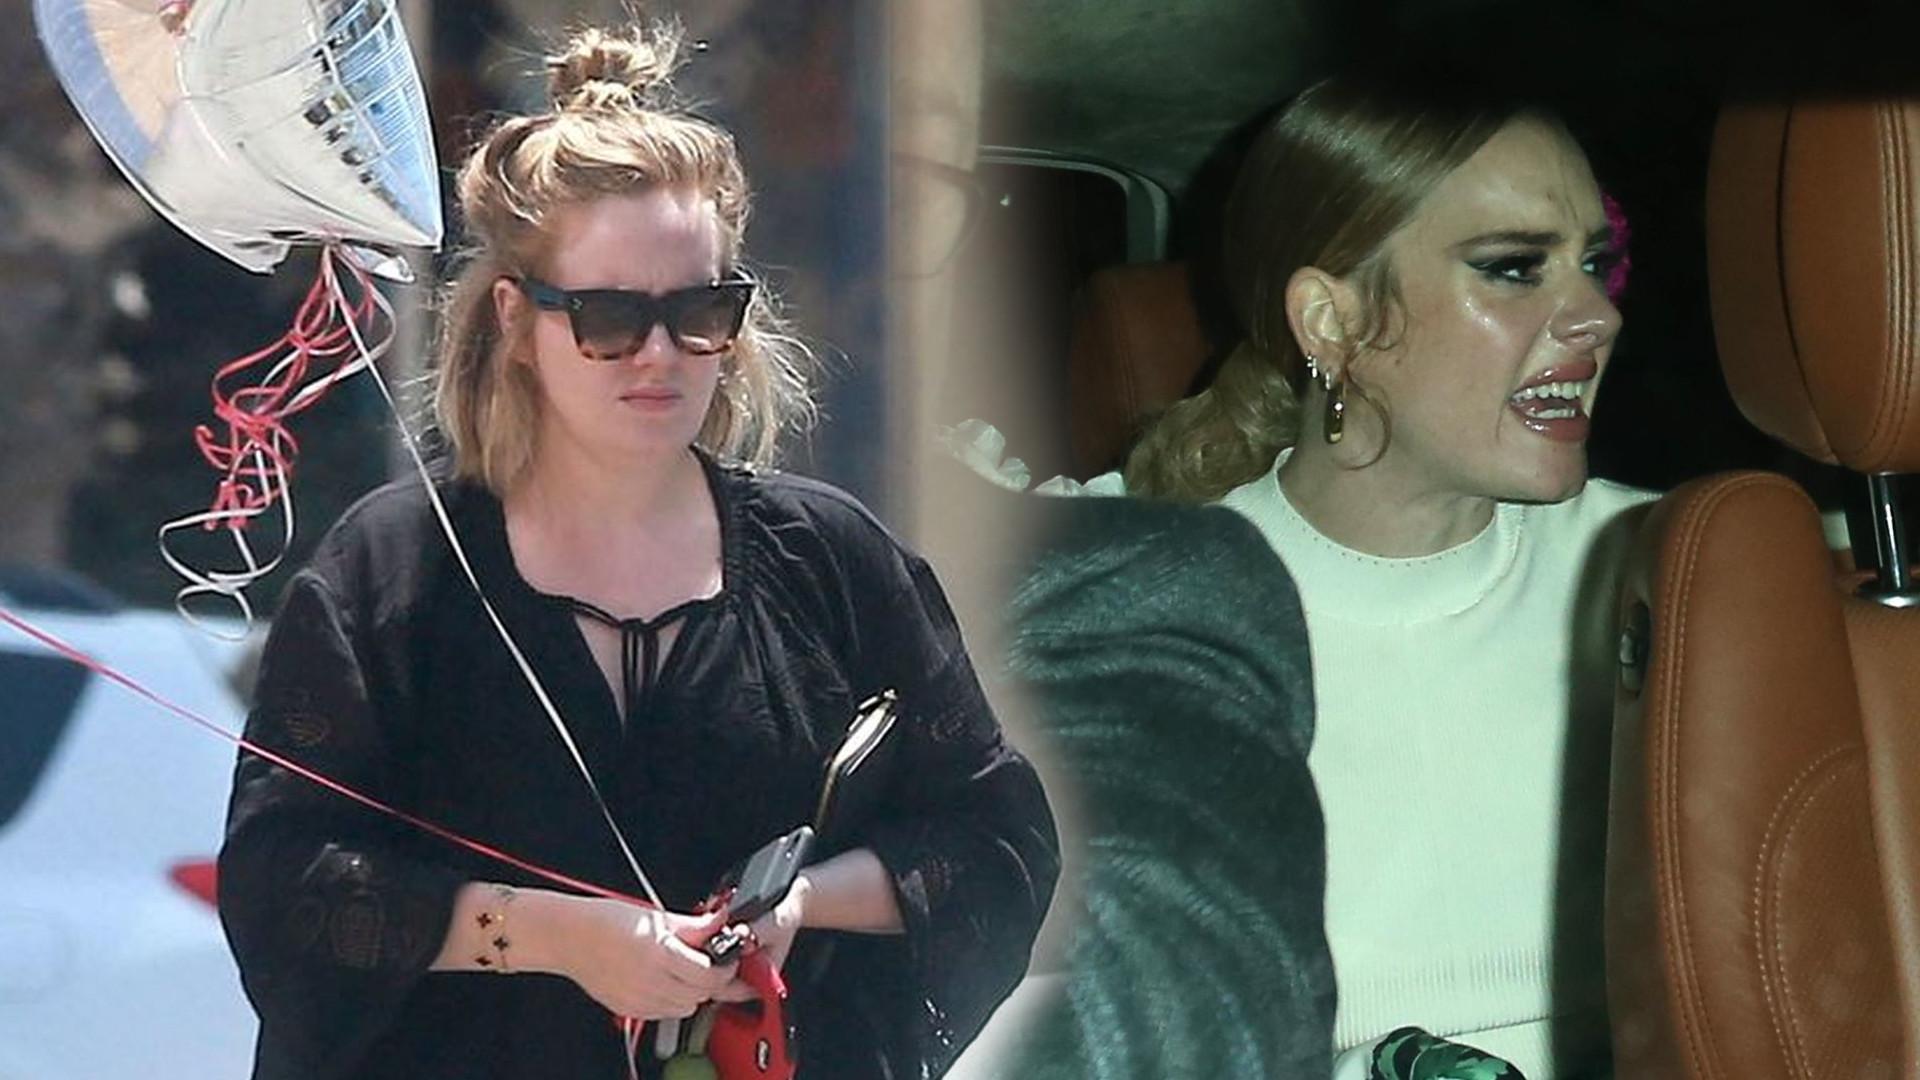 Znajomy Adele zdradza, jak gwiazda zachowuje się jako MATKA